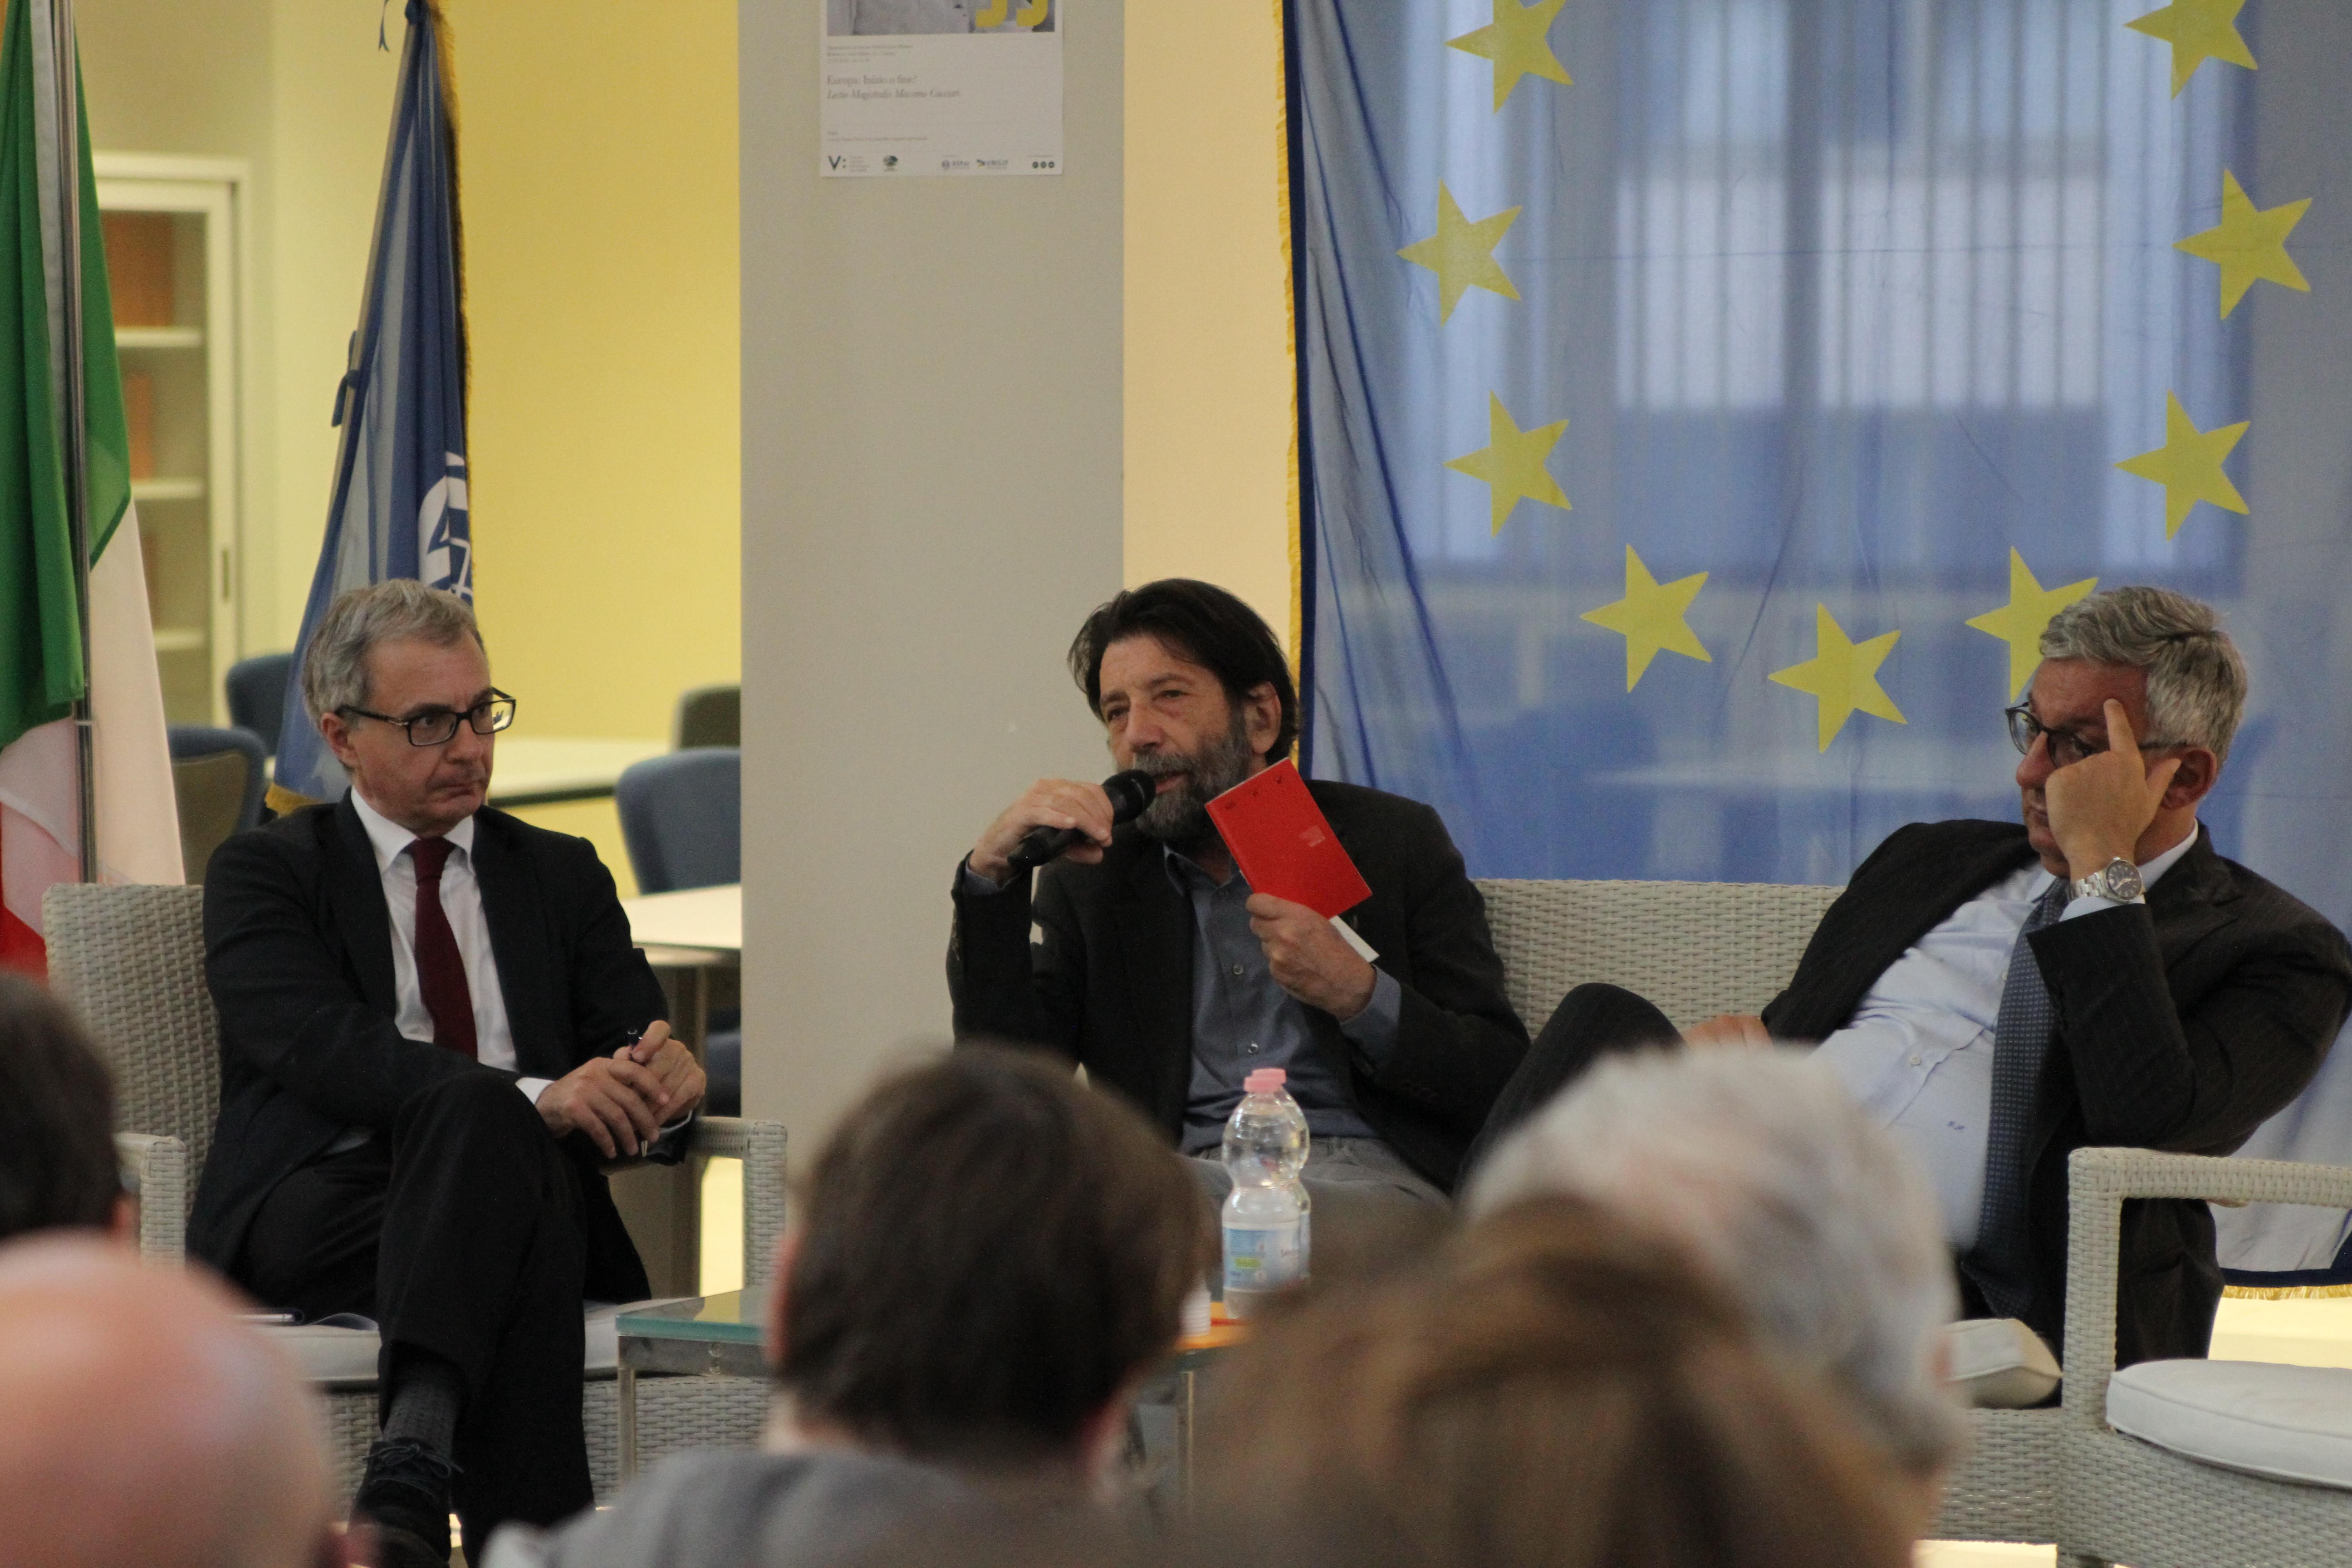 GFCG2741 EUROPA: INIZIO O FINE? LA LECTIO MAGISTRALIS CON MASSIMO CACCIARI, LA FOTOGALLERY